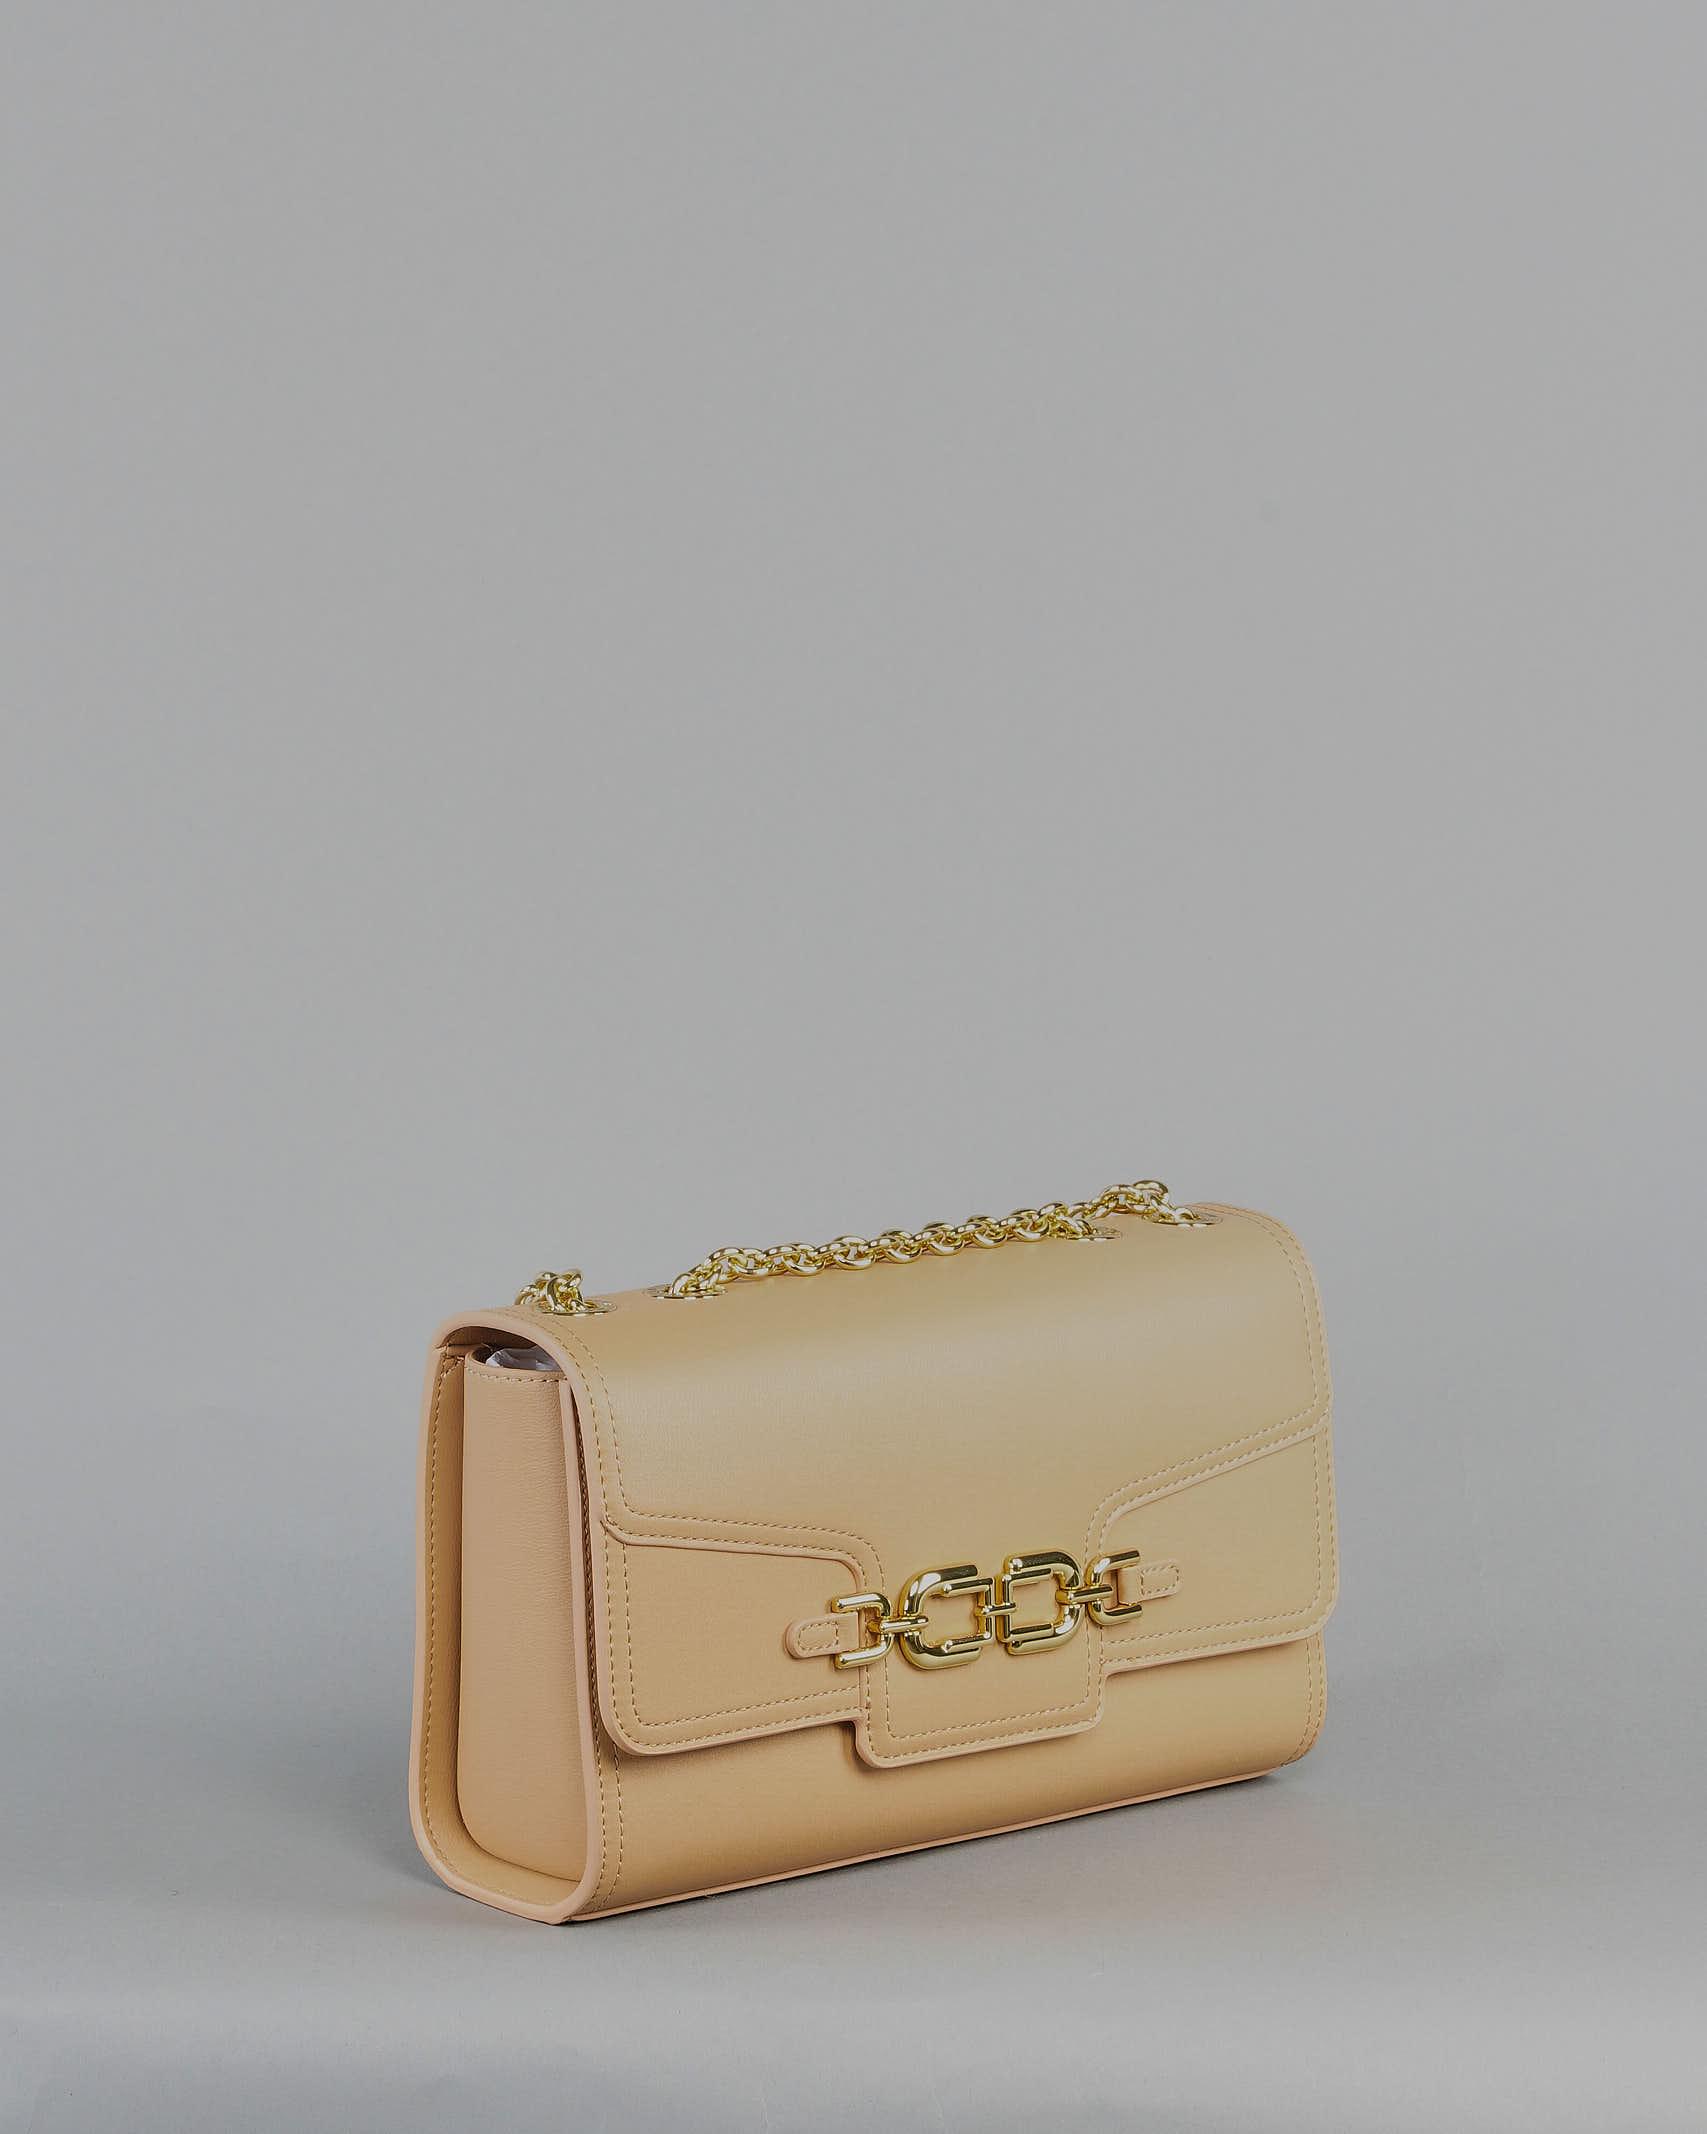 Borsa media con morsetto light gold Elisabetta Franchi ELISABETTA FRANCHI   Borsa   BS08A11E2470